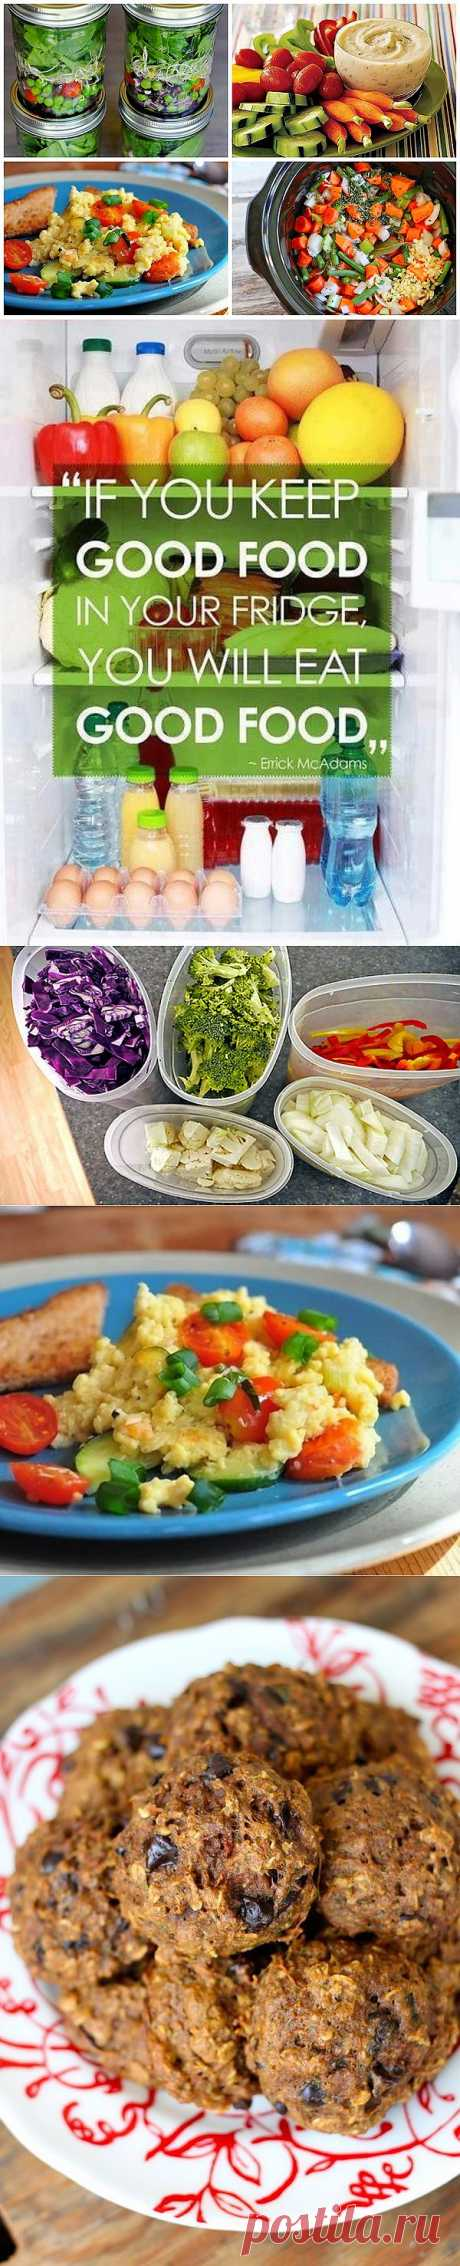 8 шагов к здоровой жизни – 8 способов есть больше овощей : НОВОСТИ В ФОТОГРАФИЯХ